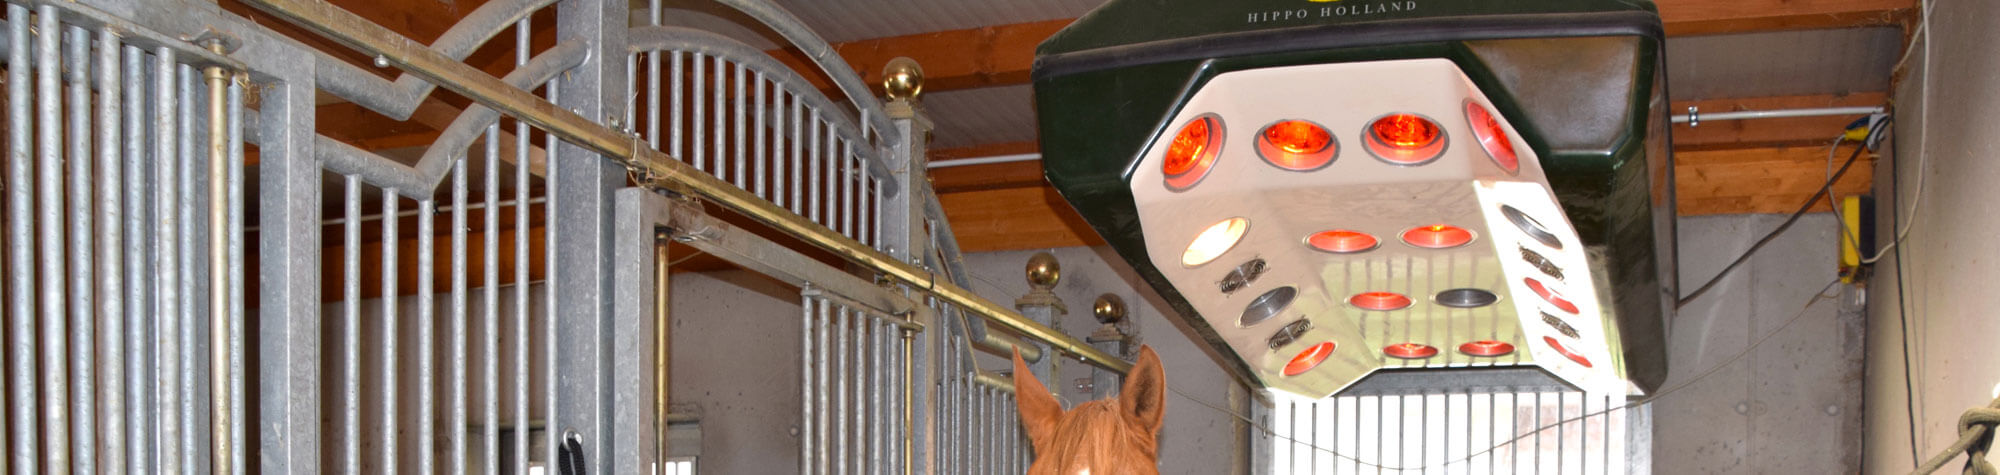 Pferdesolarium – die Rotlichtlampen können Gutes bewirken